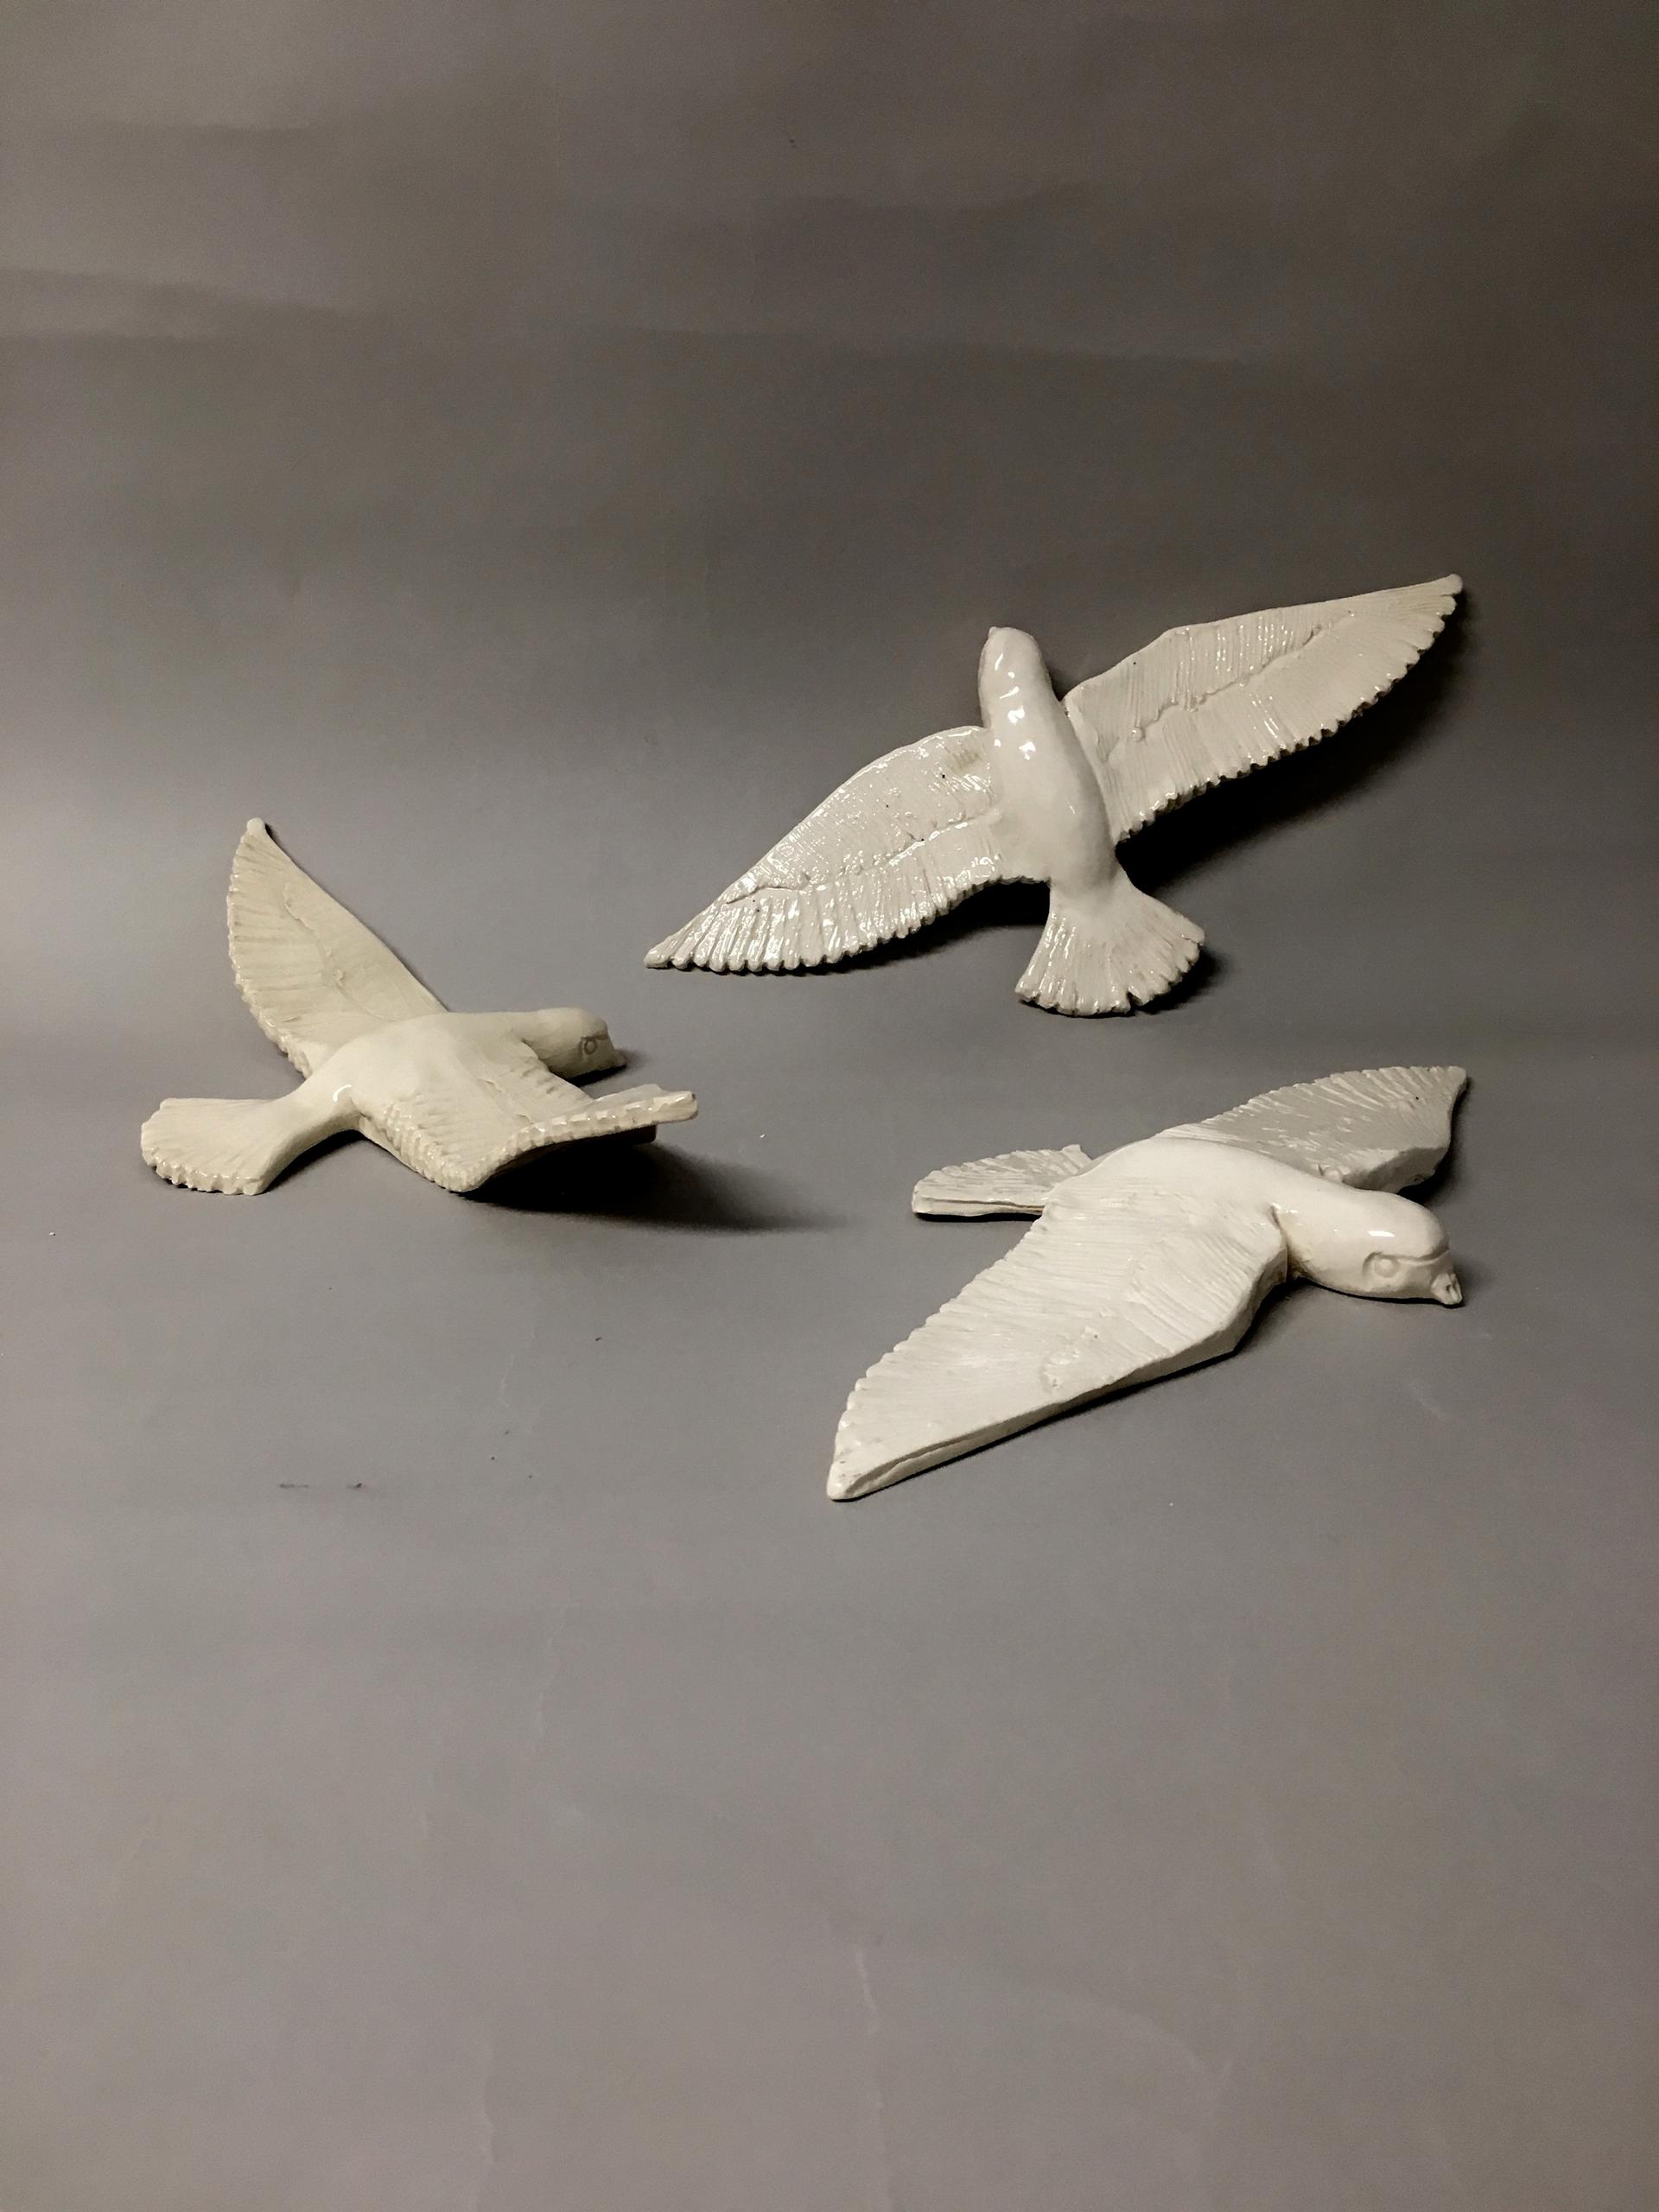 Swallow in Flight by Meagen Svendsen